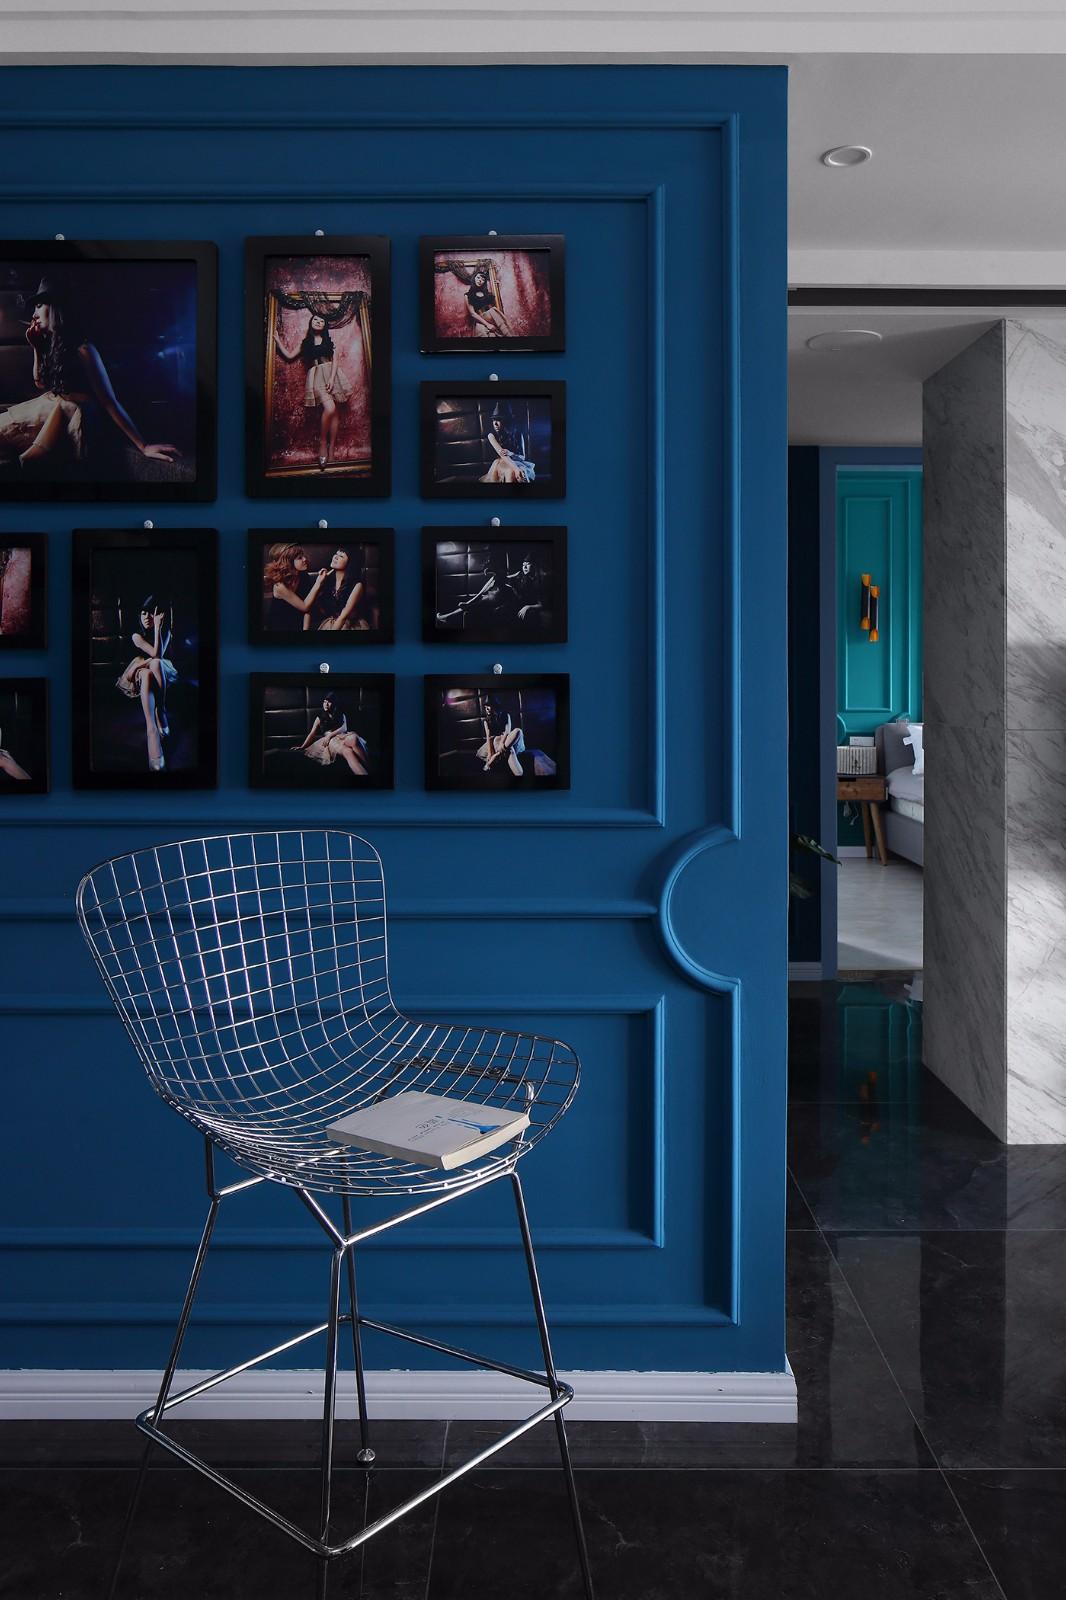 北欧混搭风格照片墙装修效果图